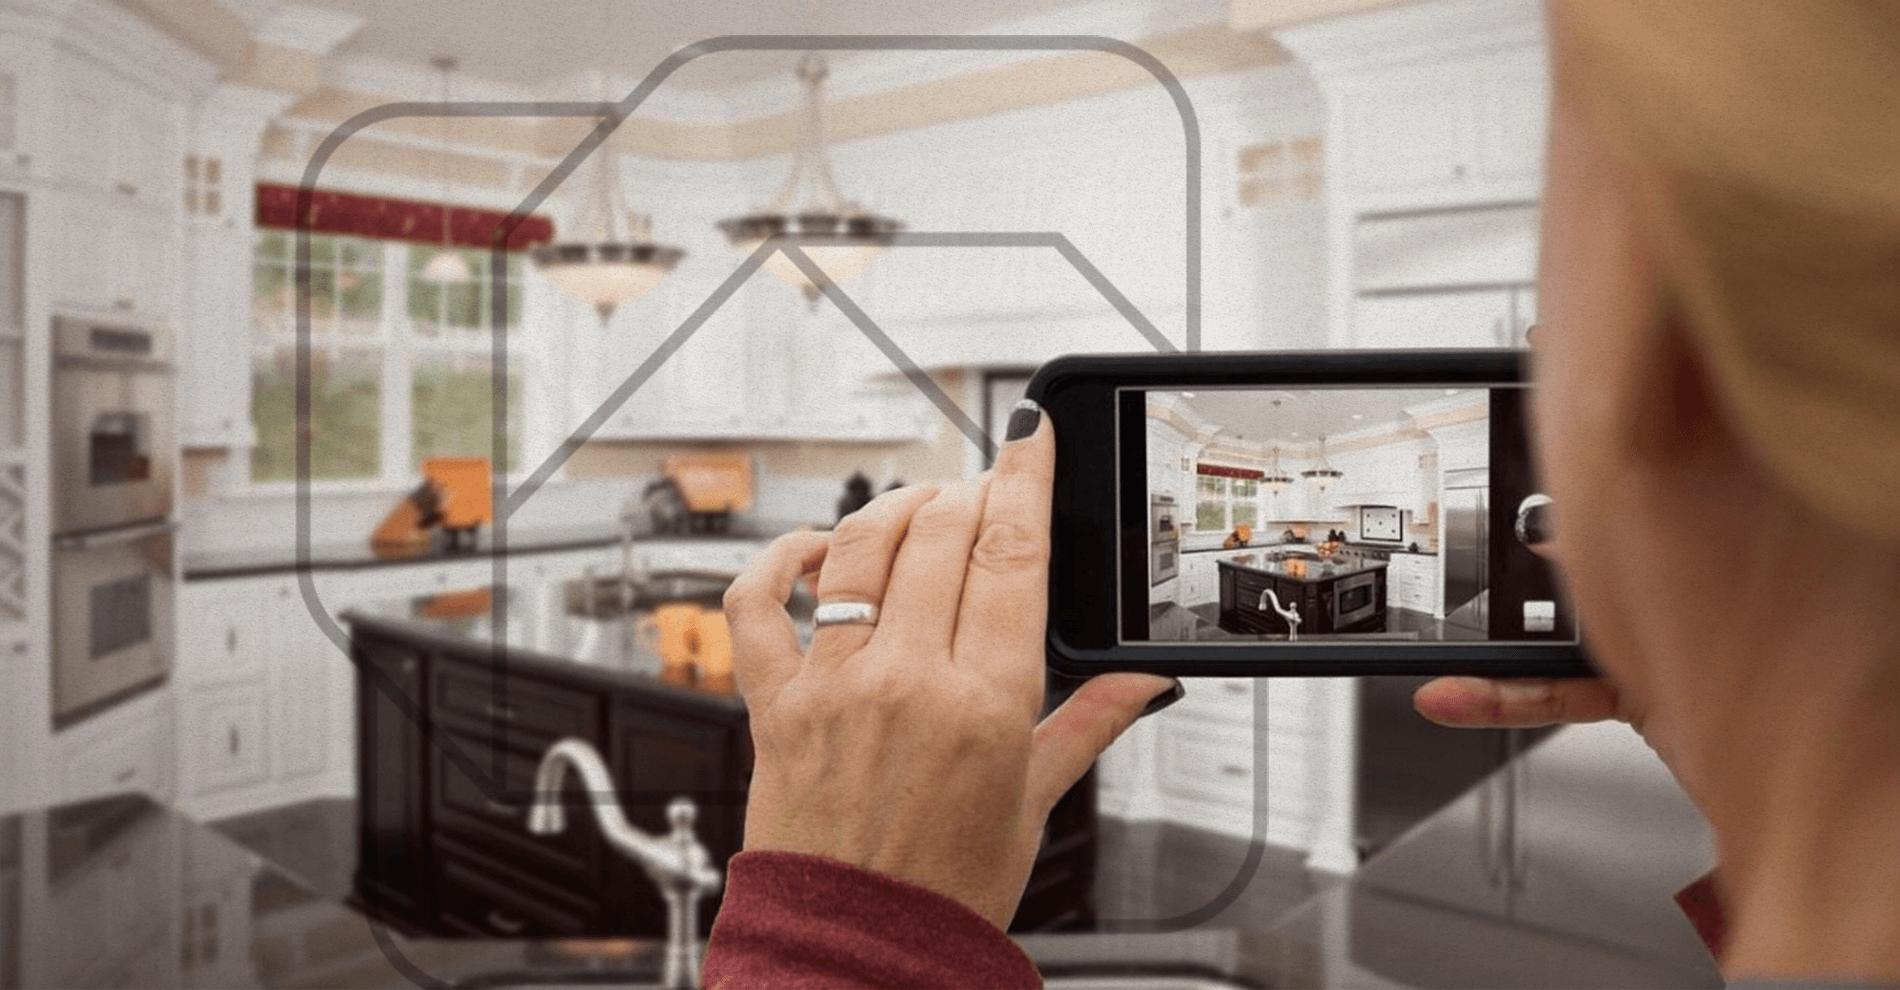 Dicas de fotos de imóveis para corretores imobiliários